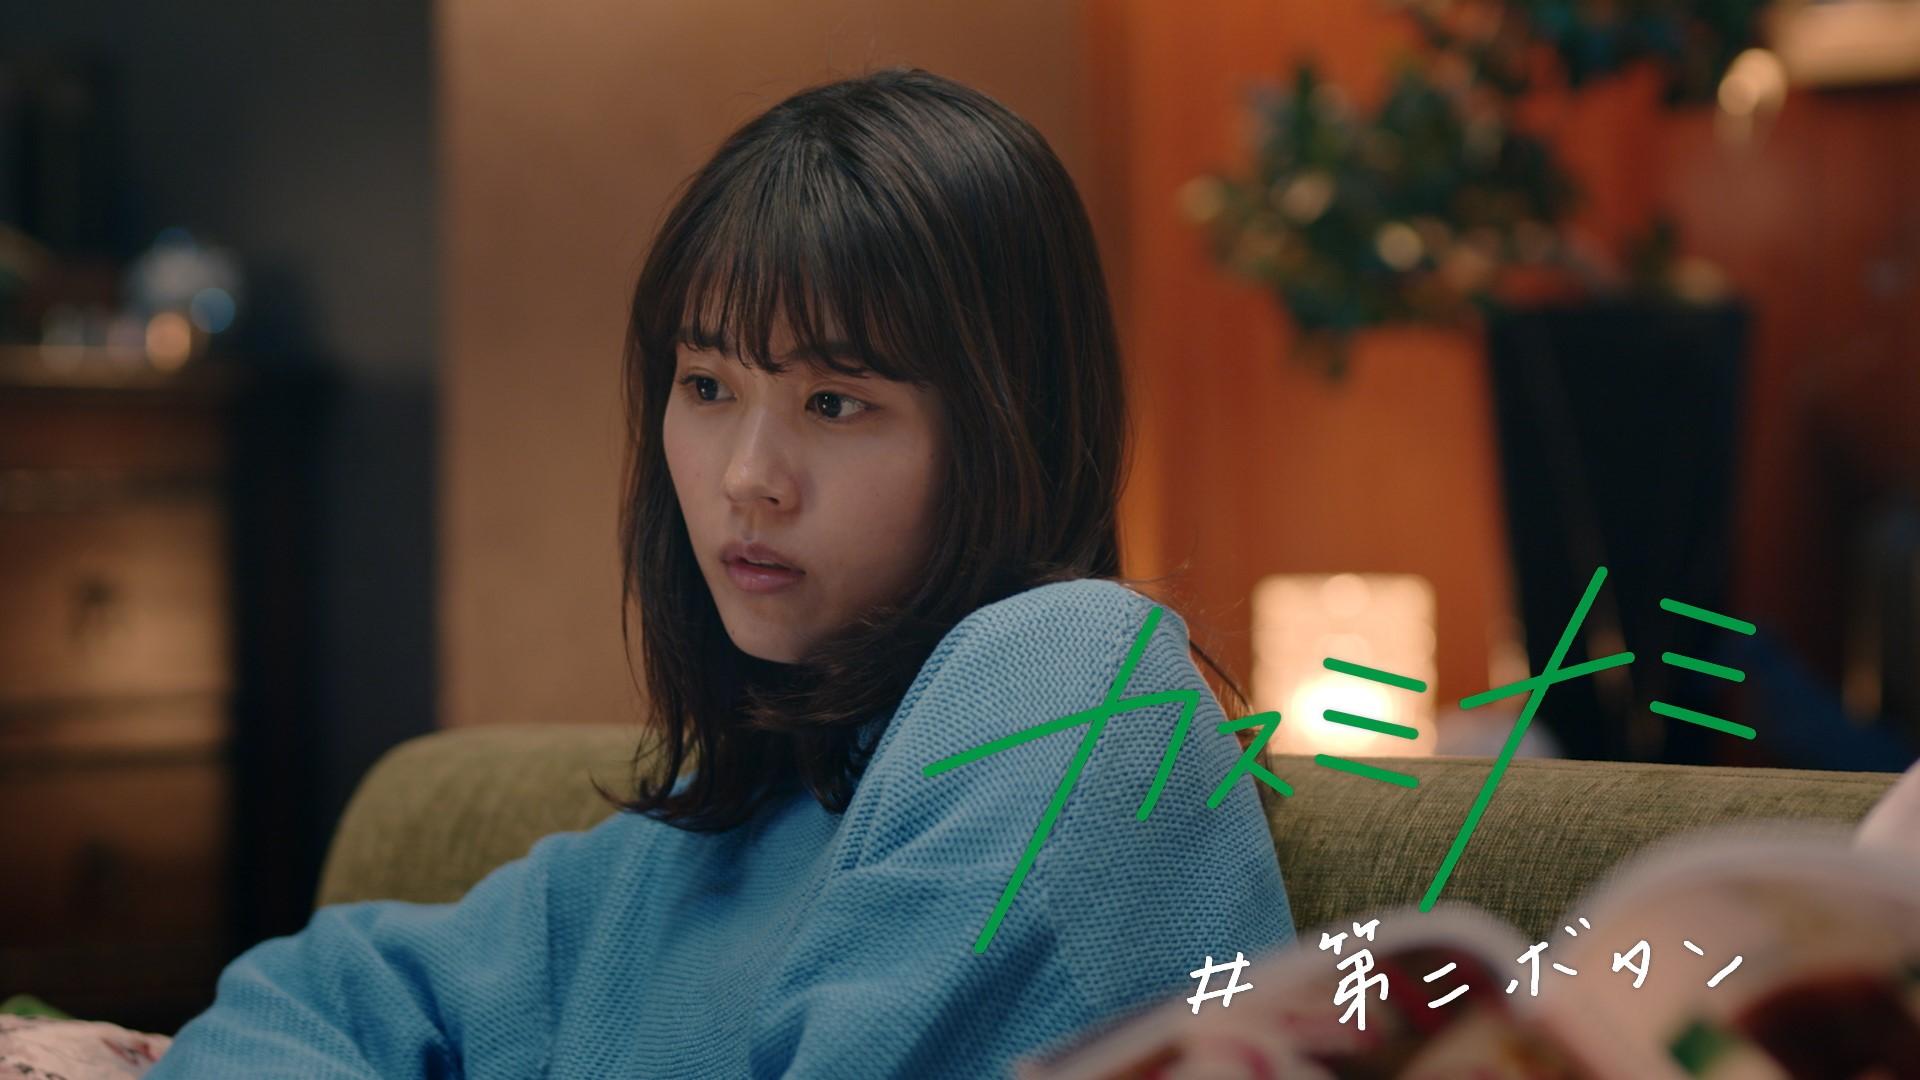 有村架純 /JA共済のWEB動画シリーズ『カスミナミ』第1弾『第二ボタン』篇